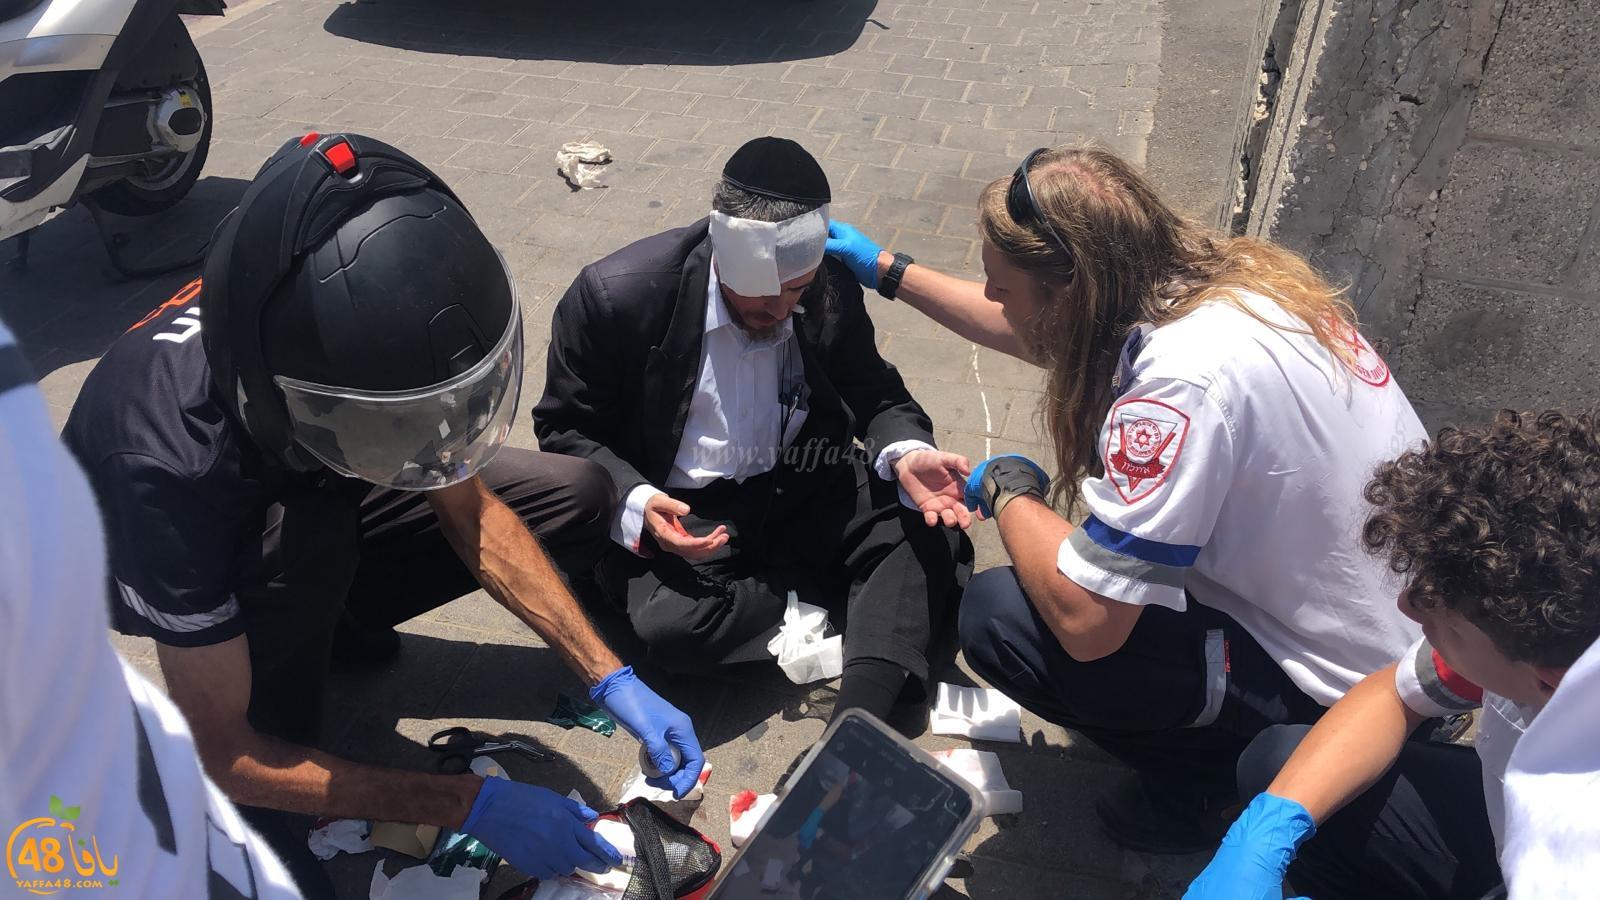 فيديو: إصابة متظاهر من الخارديم اثر اعتداء جندي عليه أمام المحكمة العسكرية بيافا